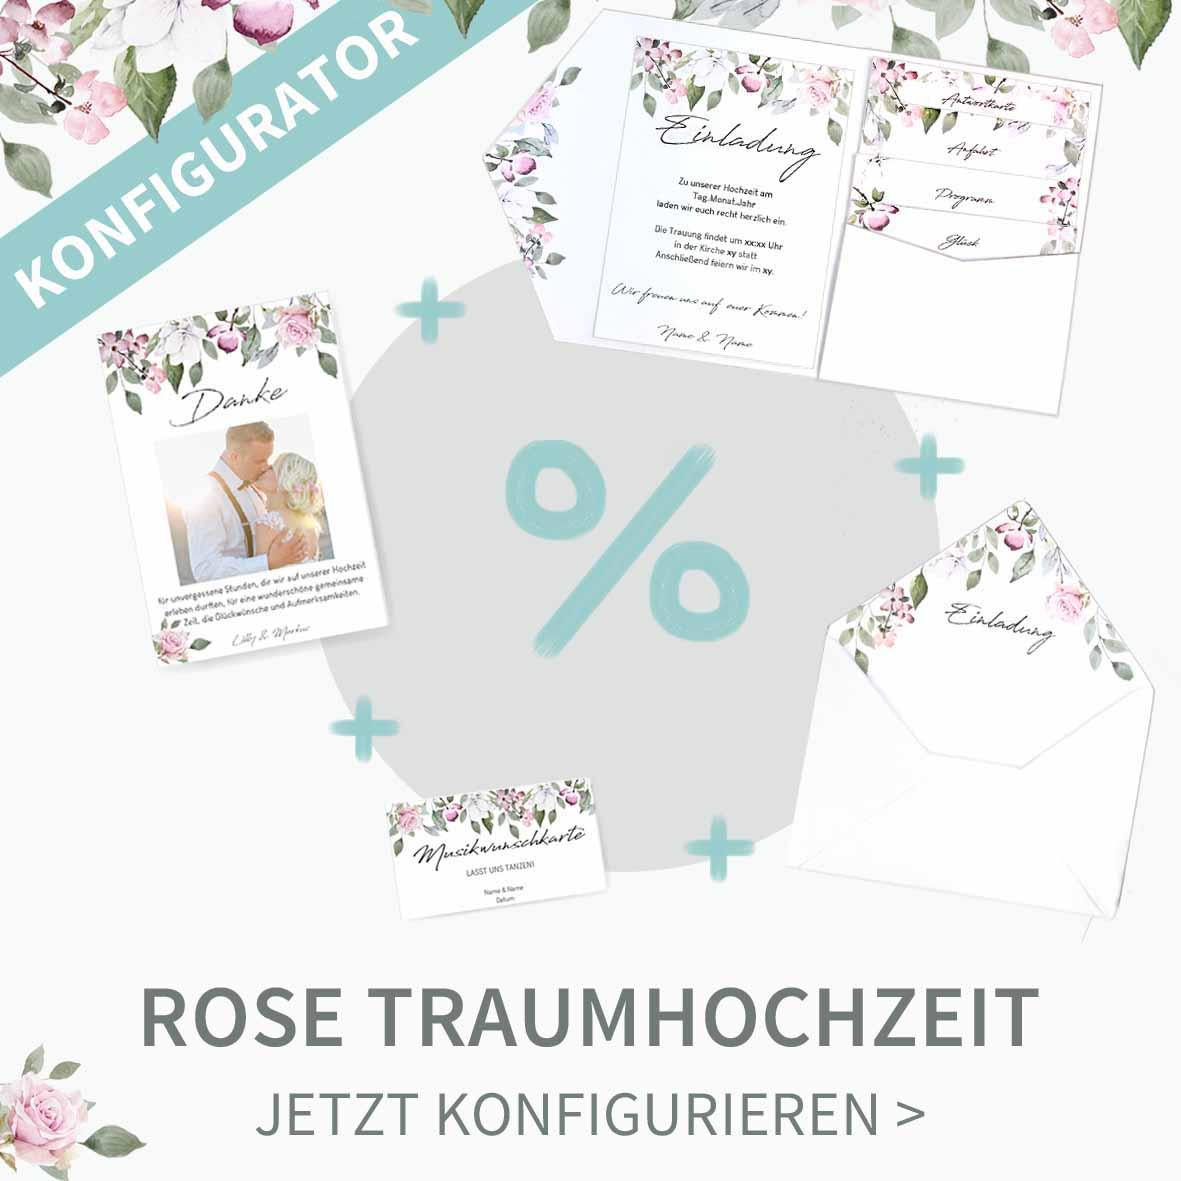 Konfiguriert eure Traumhochzeit im romantischen Rose Design